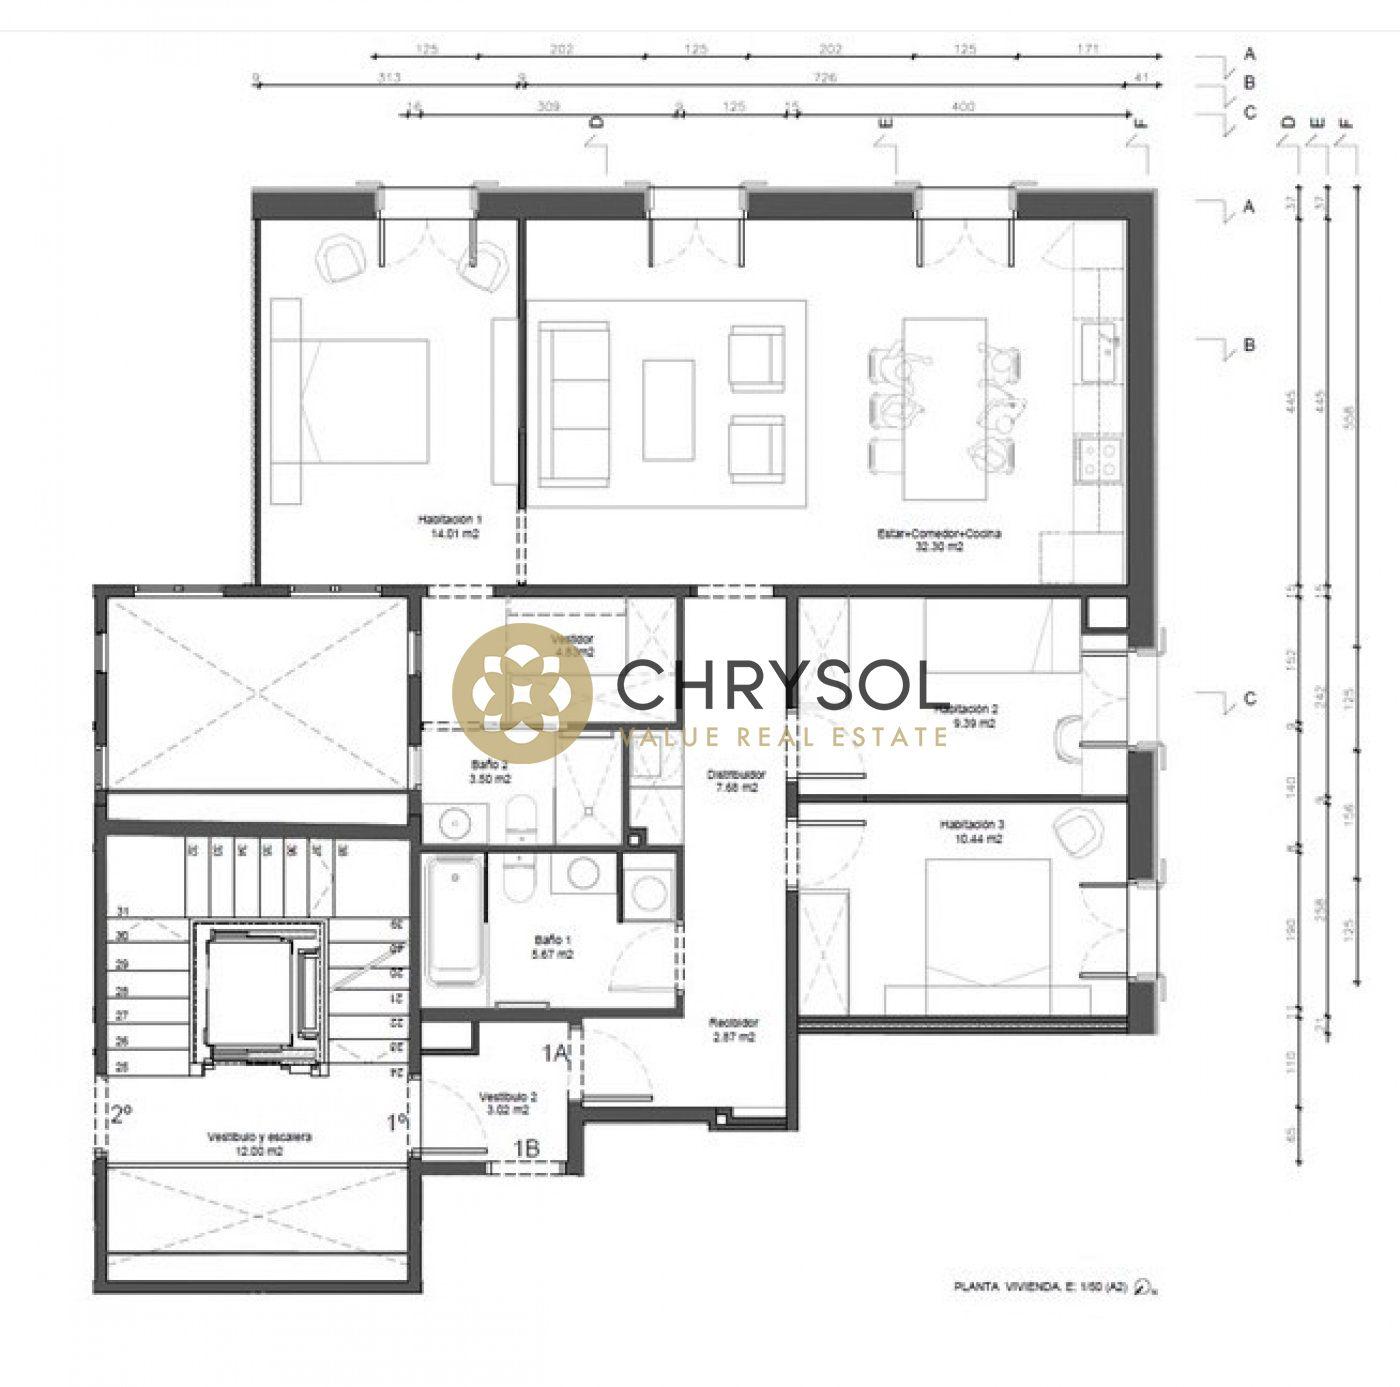 Fotogalería - 68 - Chrysol Value